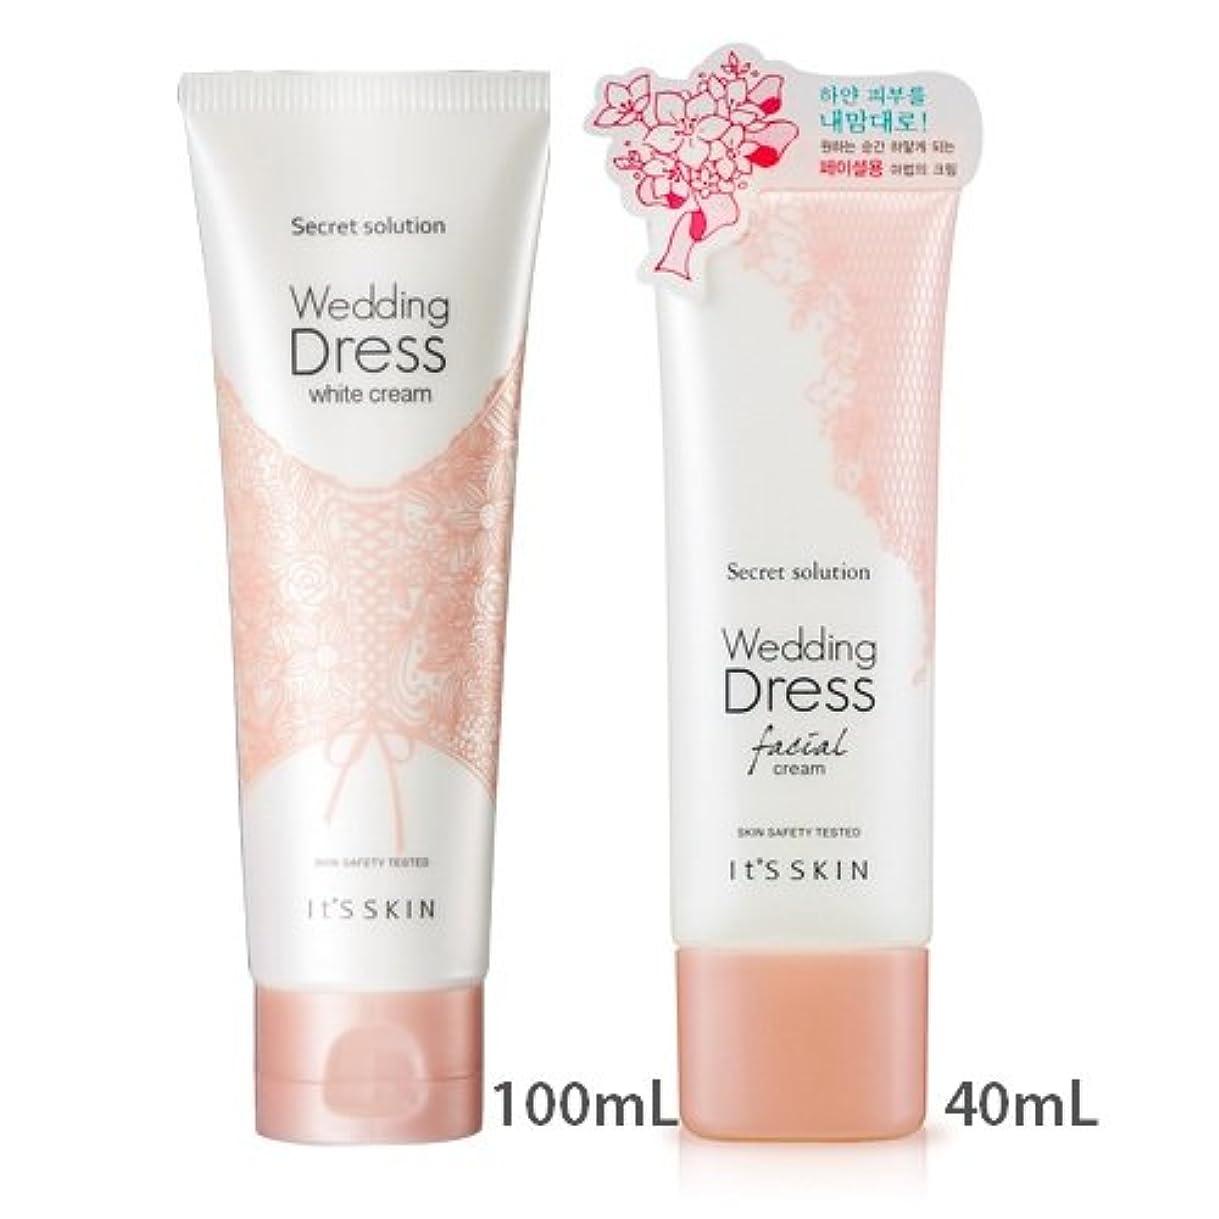 カレッジ美的原油[1+1] It's skin Secret Solution Wedding Dress Facial Cream 40mL + Secret Solution Wedding Dress Cream 100mL イッツスキン...